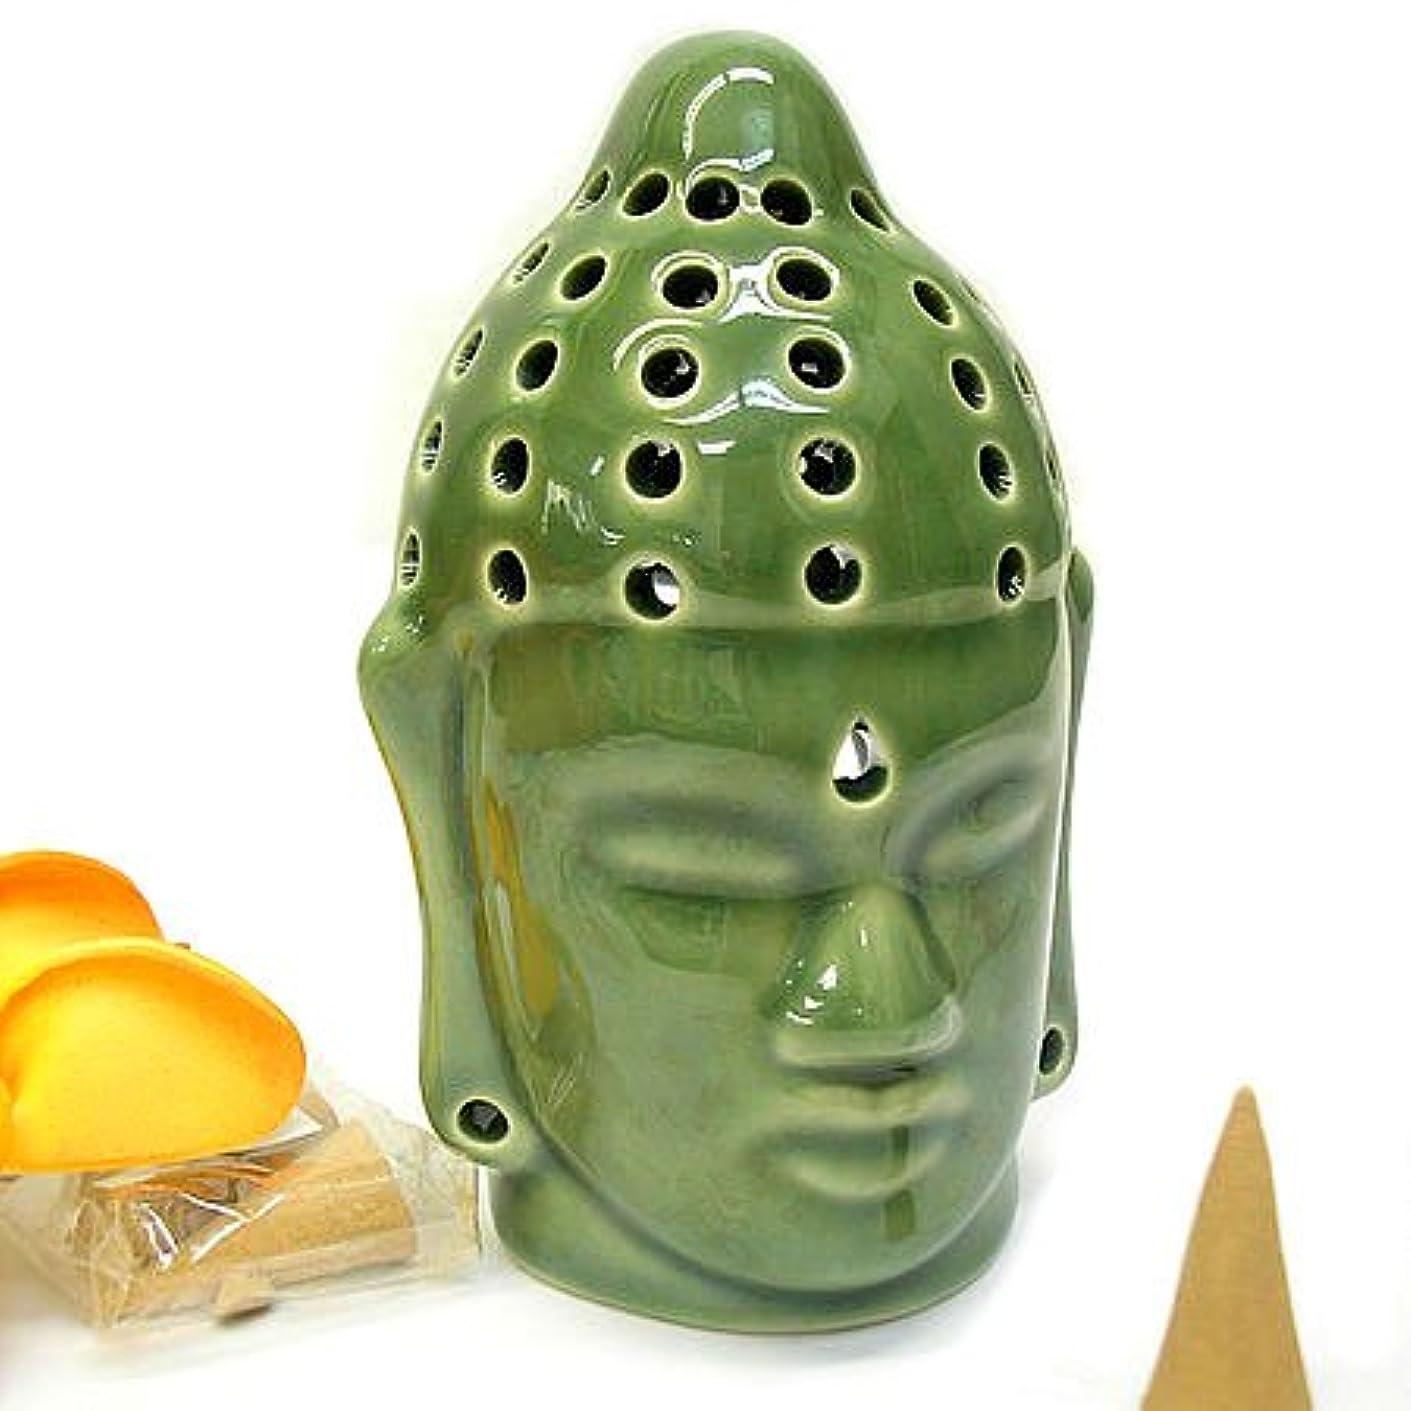 スパークスチュアート島ミシン仏陀の お香たて 香炉 コーン用 緑 インセンスホルダー コーン用 お香立て お香たて アジアン雑貨 バリ雑貨